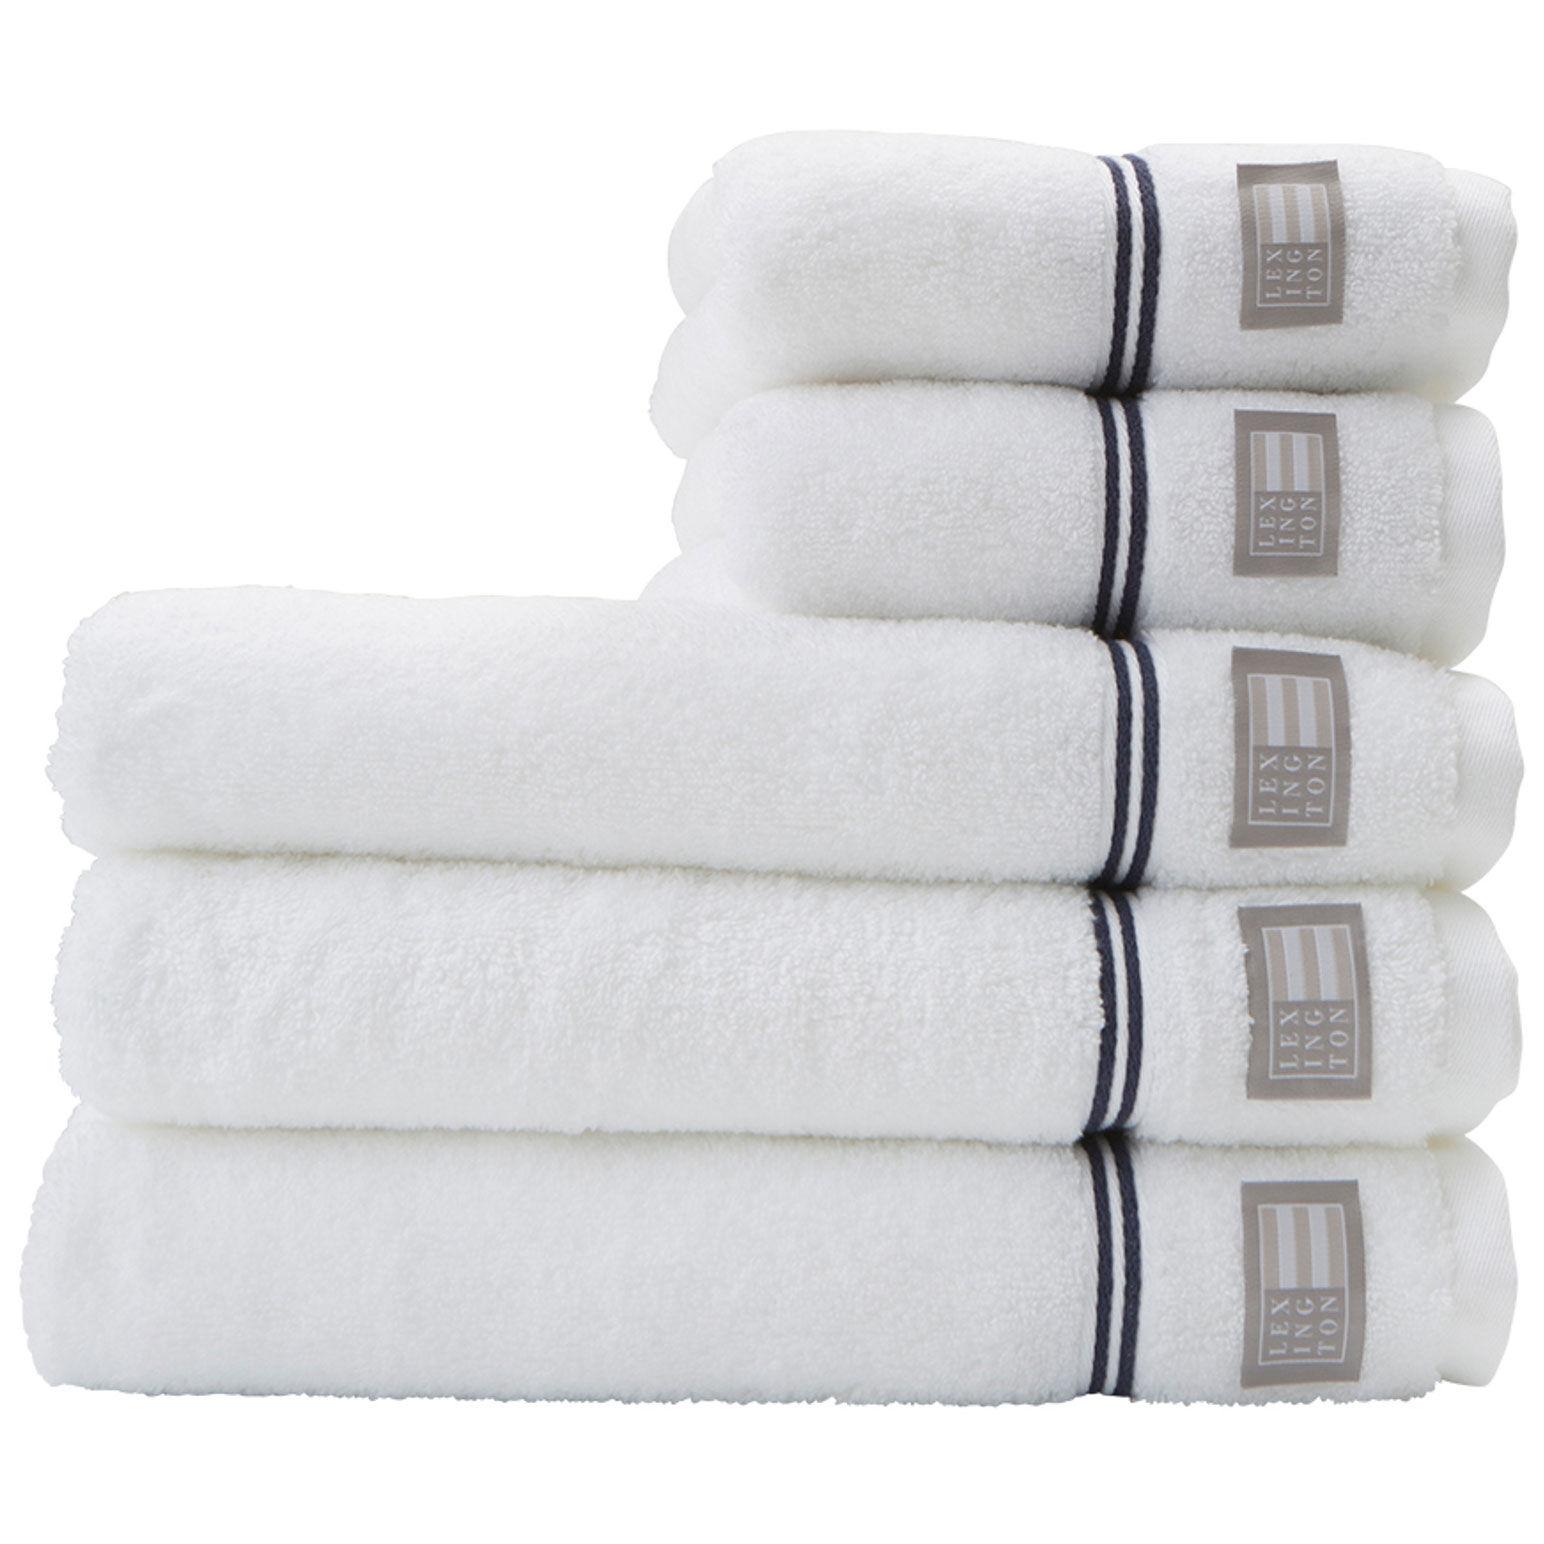 Lexington Hotel Towel 50x70 cm, White/Blue